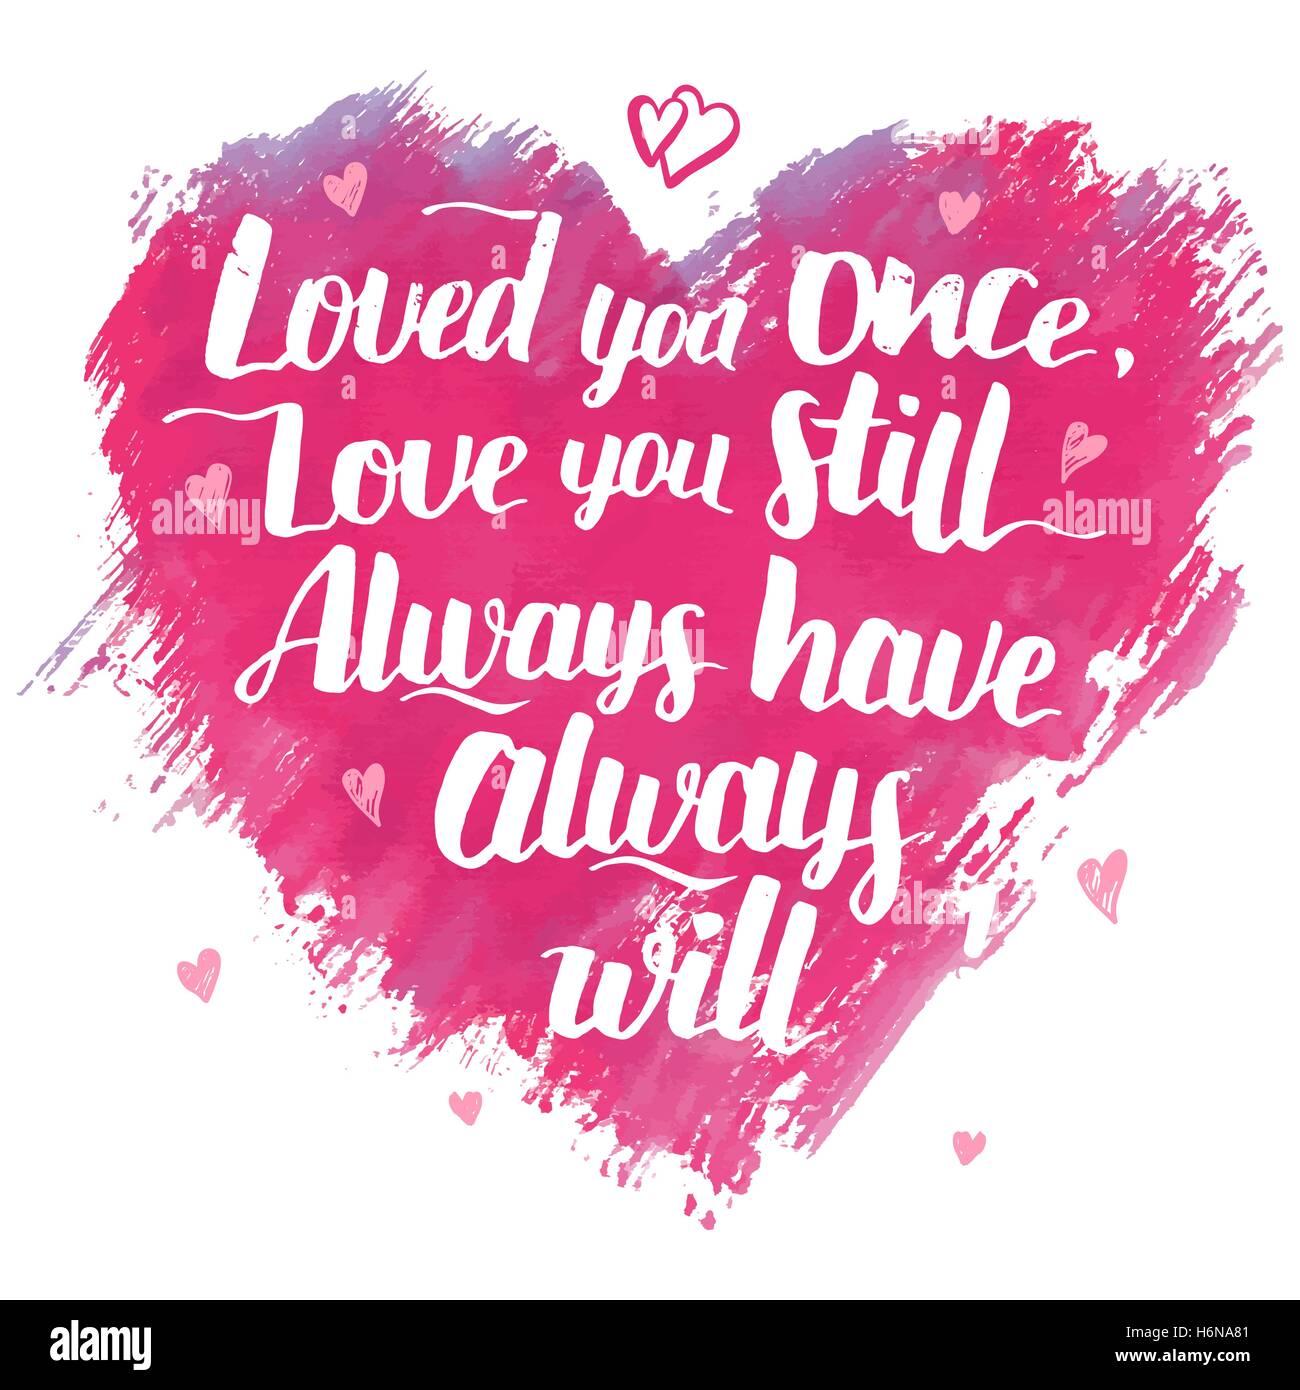 Una Vez Que El Amor El Amor Que Usted Todavia Siempre Siempre Lo